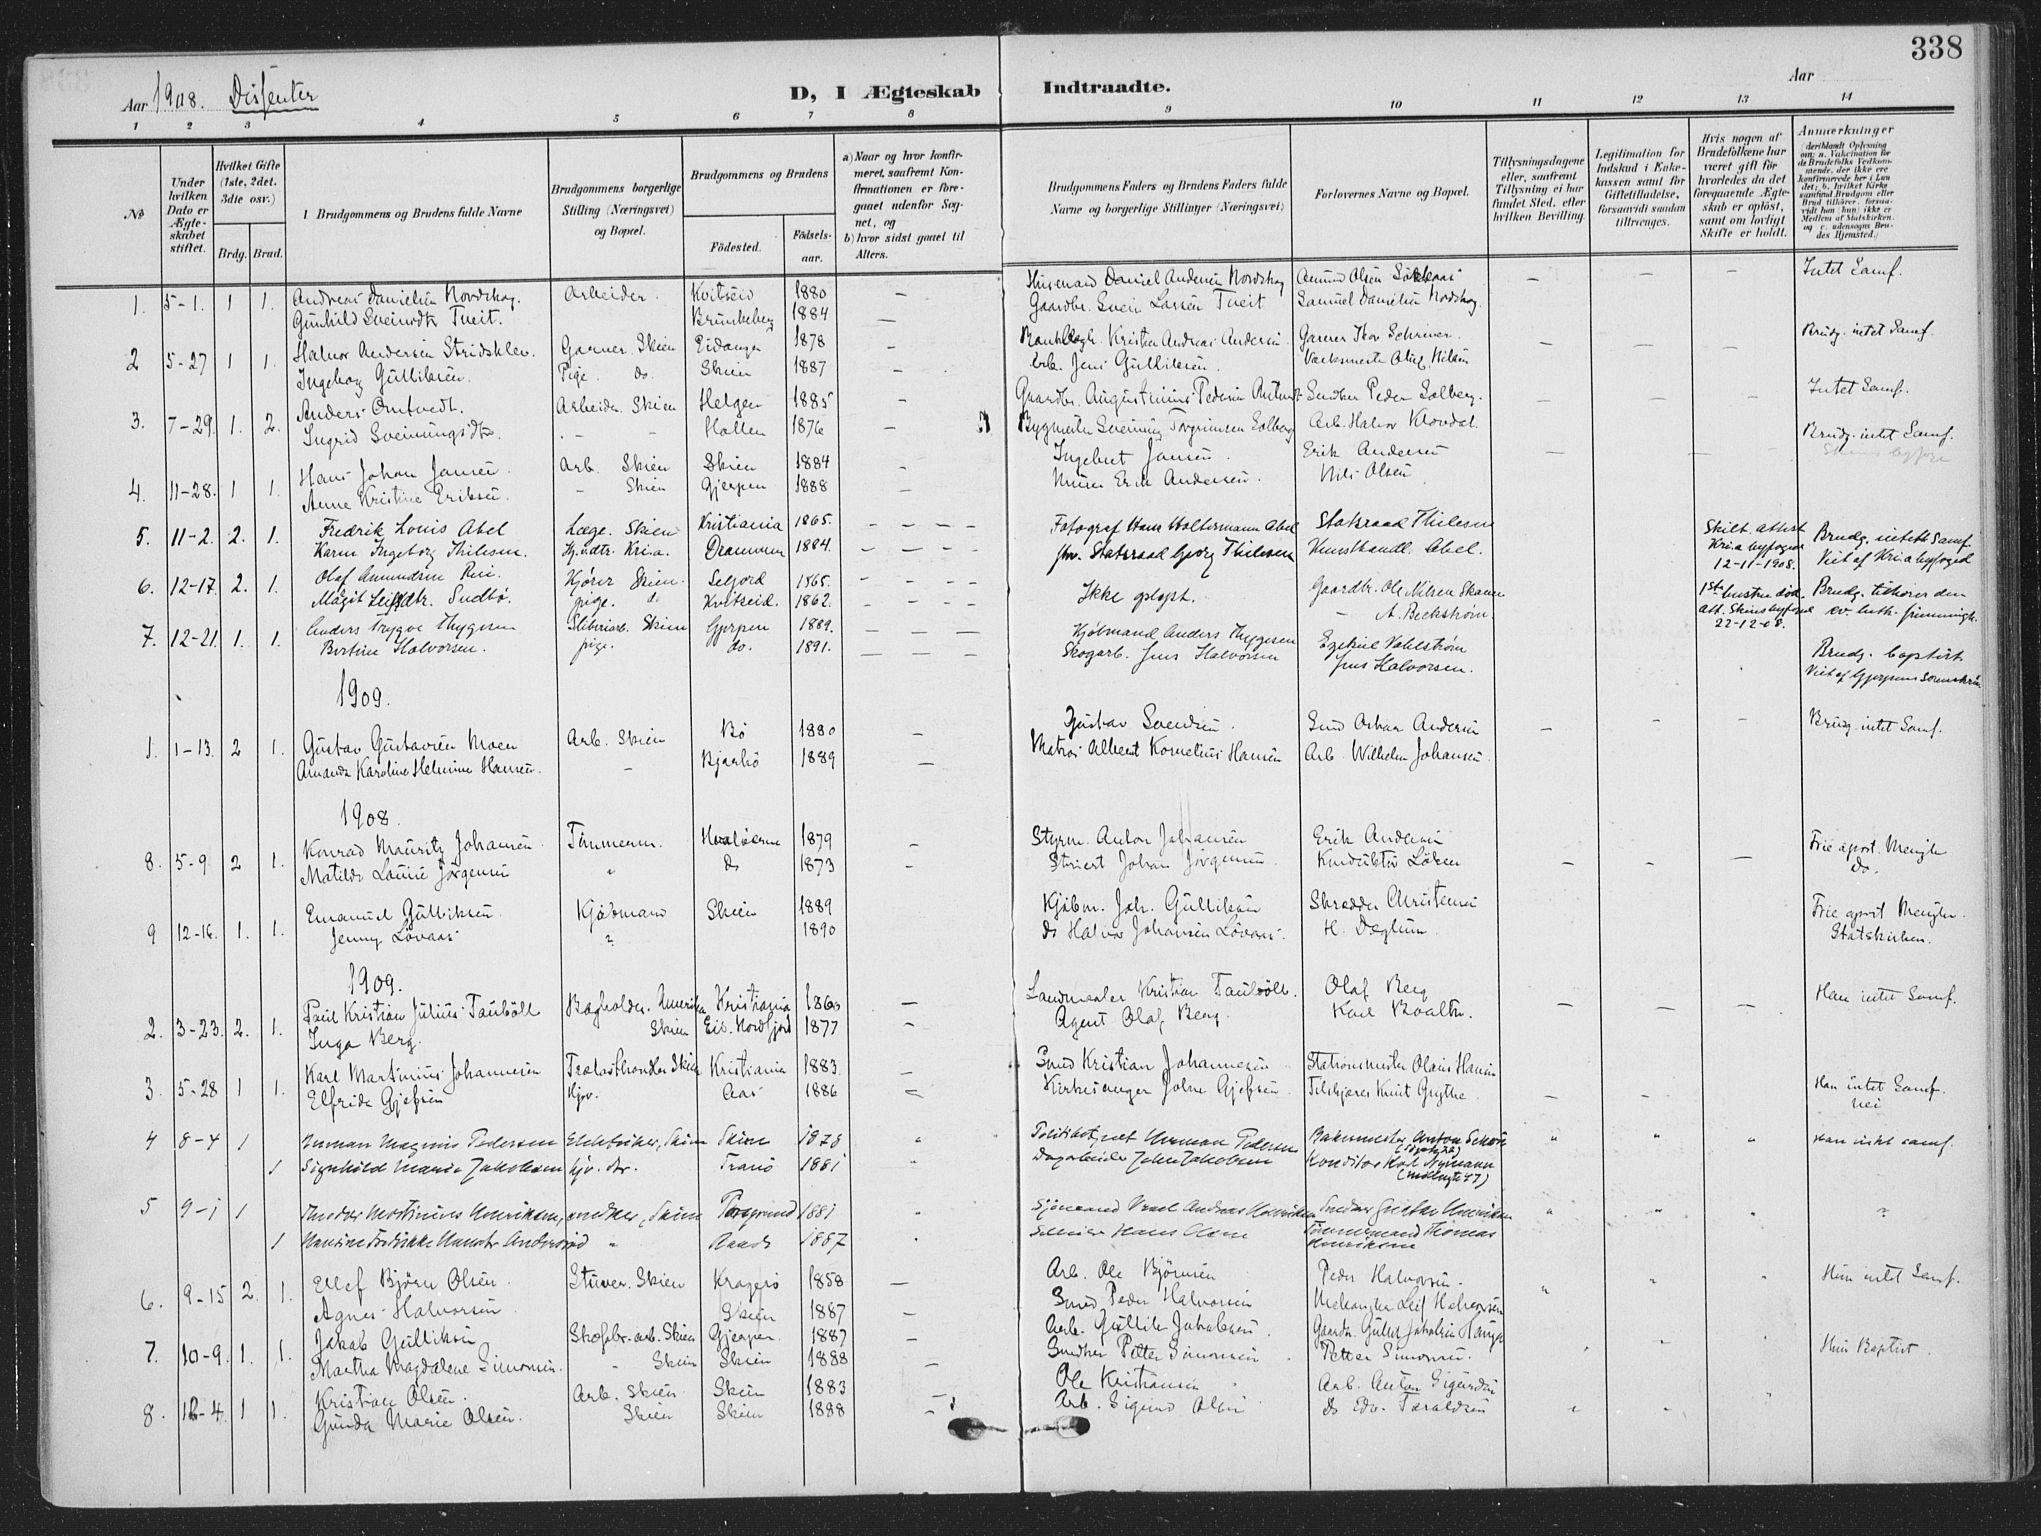 SAKO, Skien kirkebøker, F/Fa/L0012: Ministerialbok nr. 12, 1908-1914, s. 338